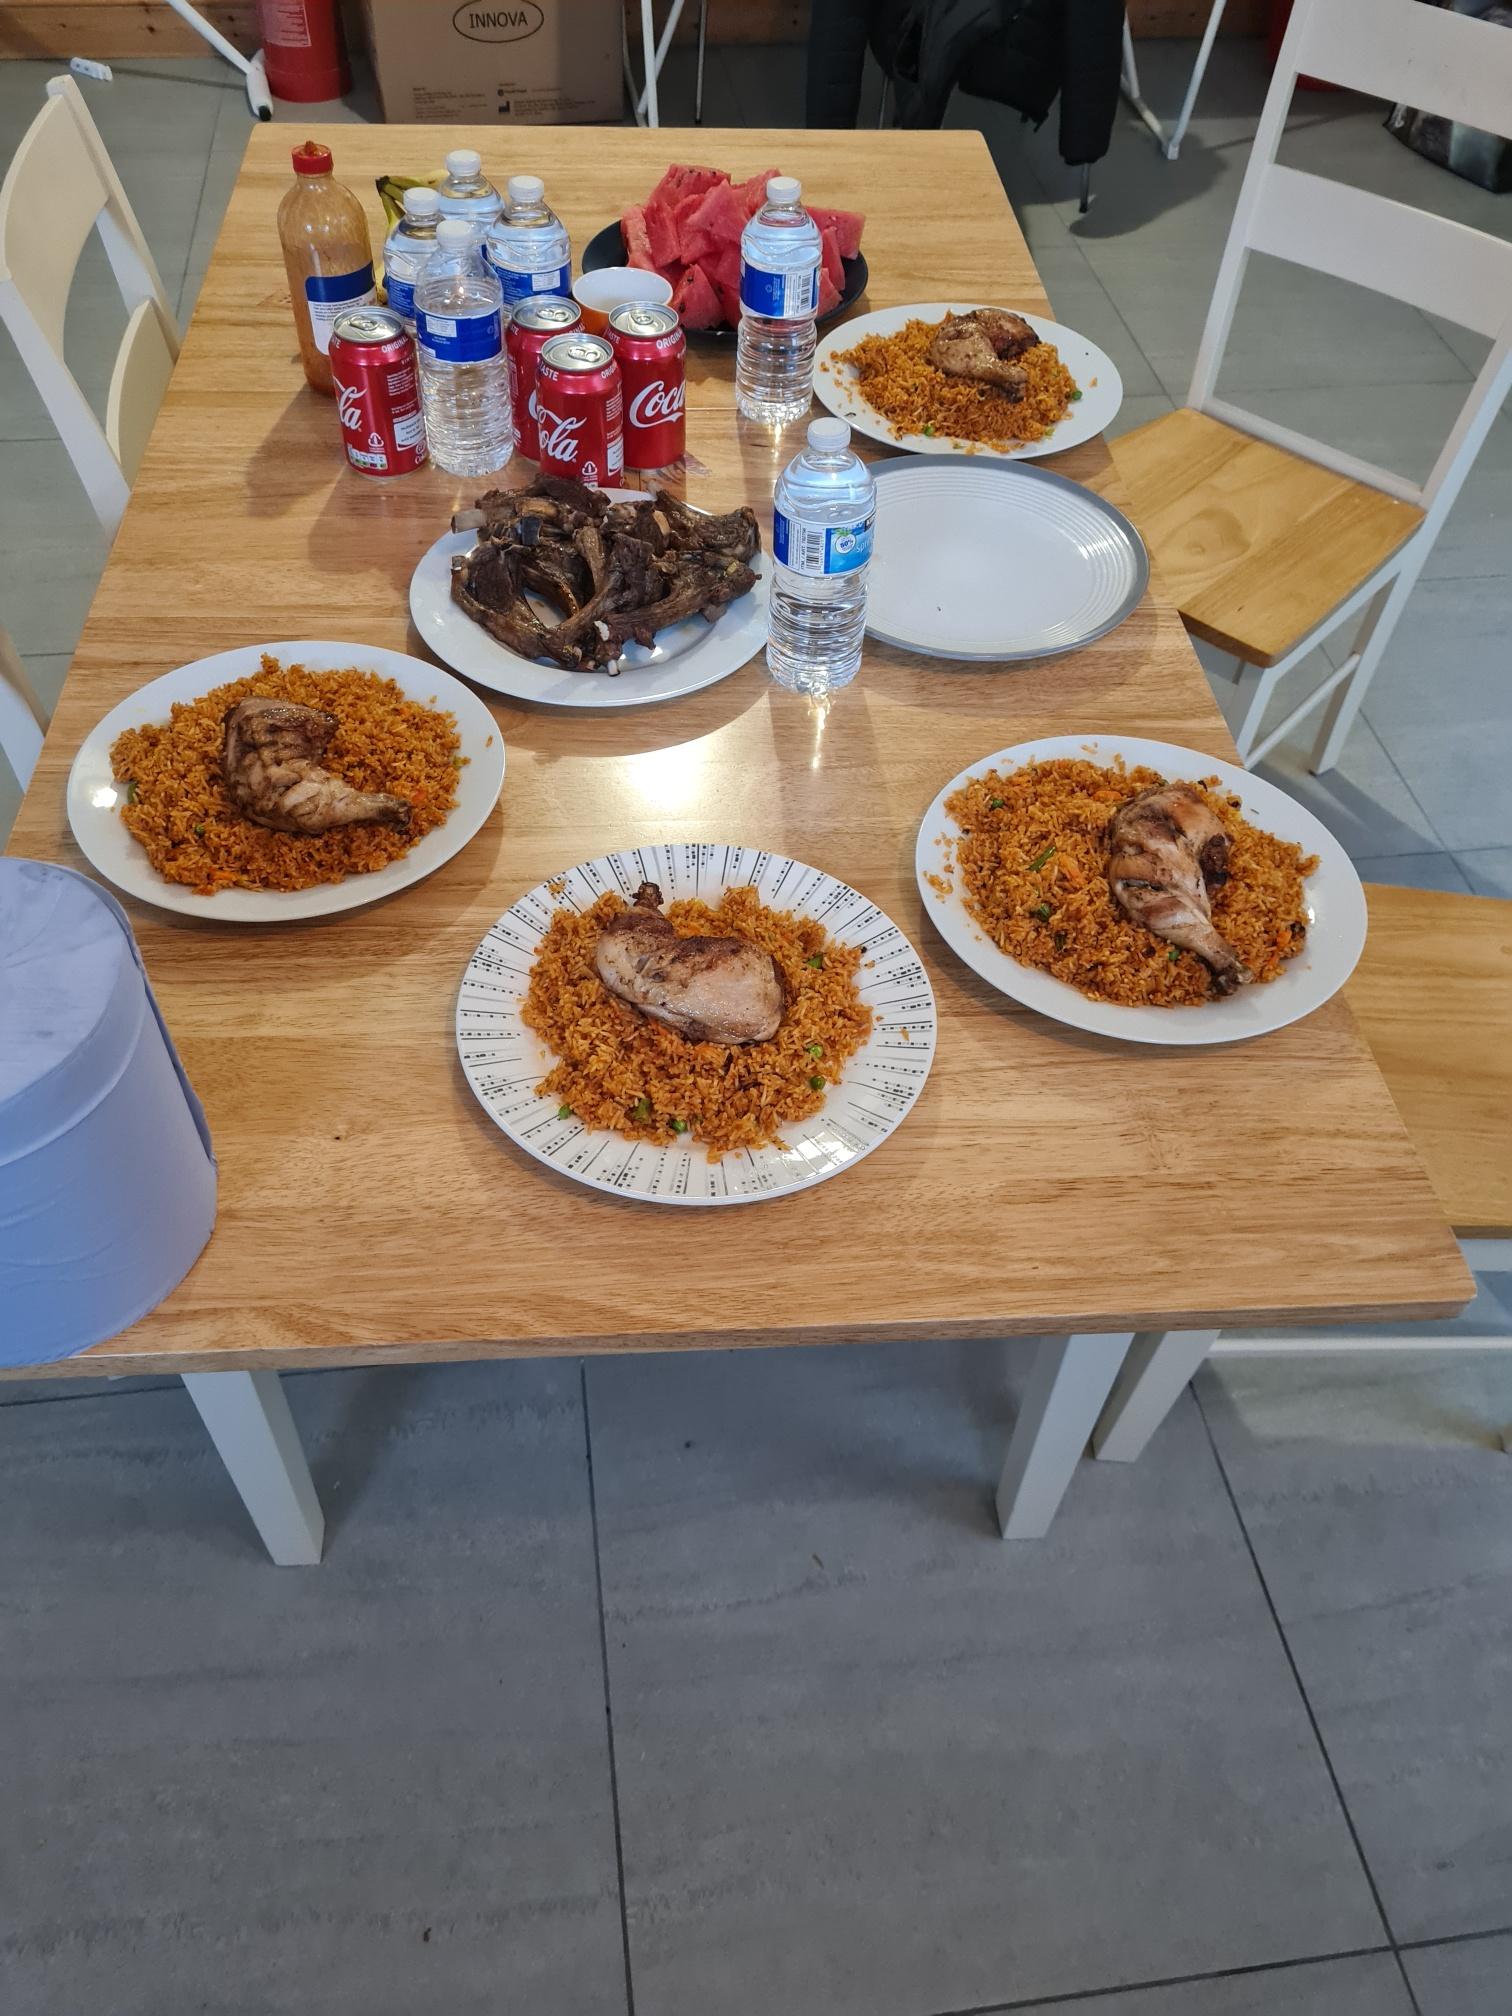 Eid meal at Leytonstone